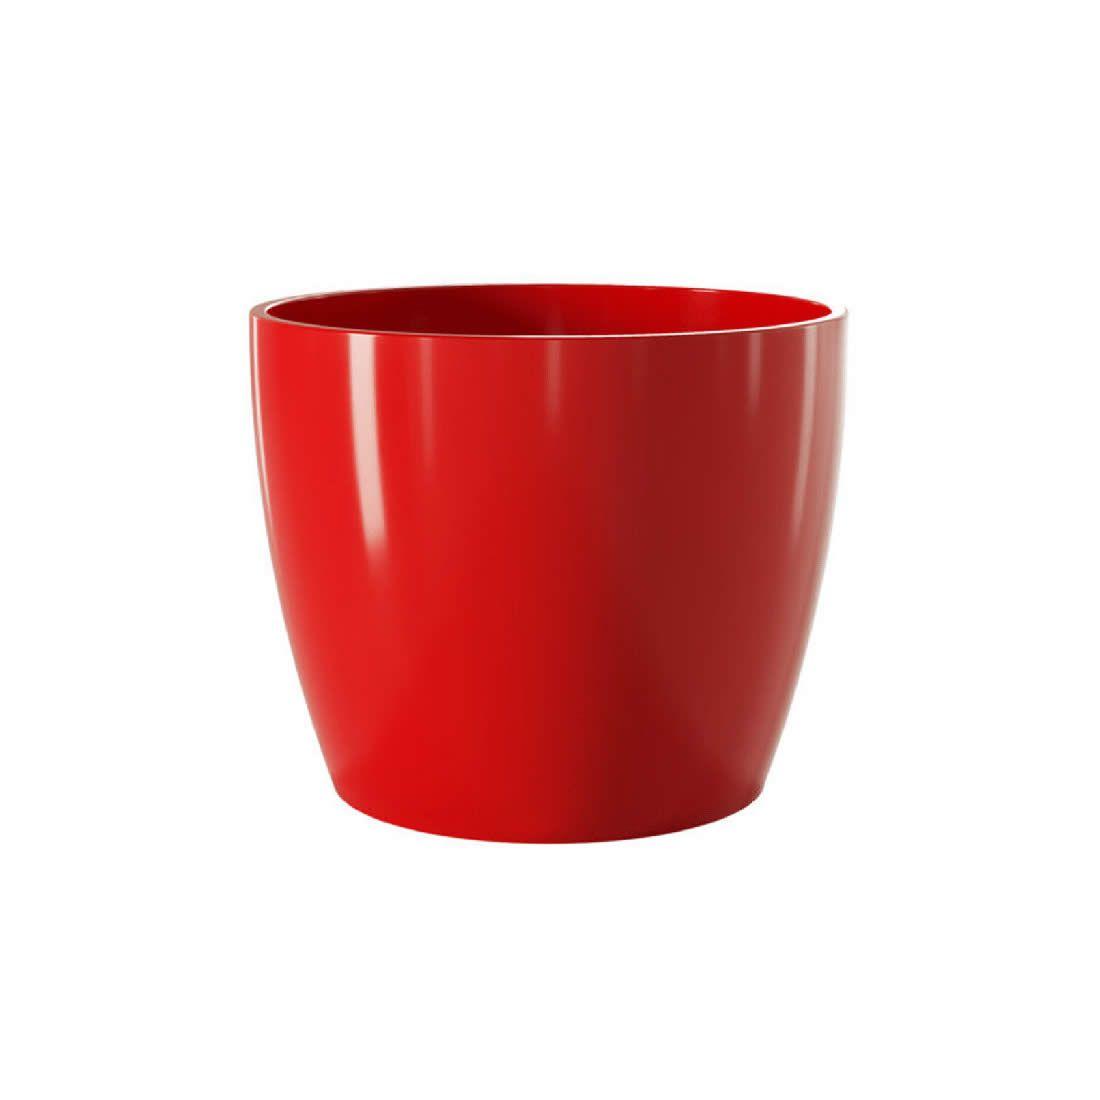 Vaso Para Planta Cerâmico Munique Vermelho 16 - Japi